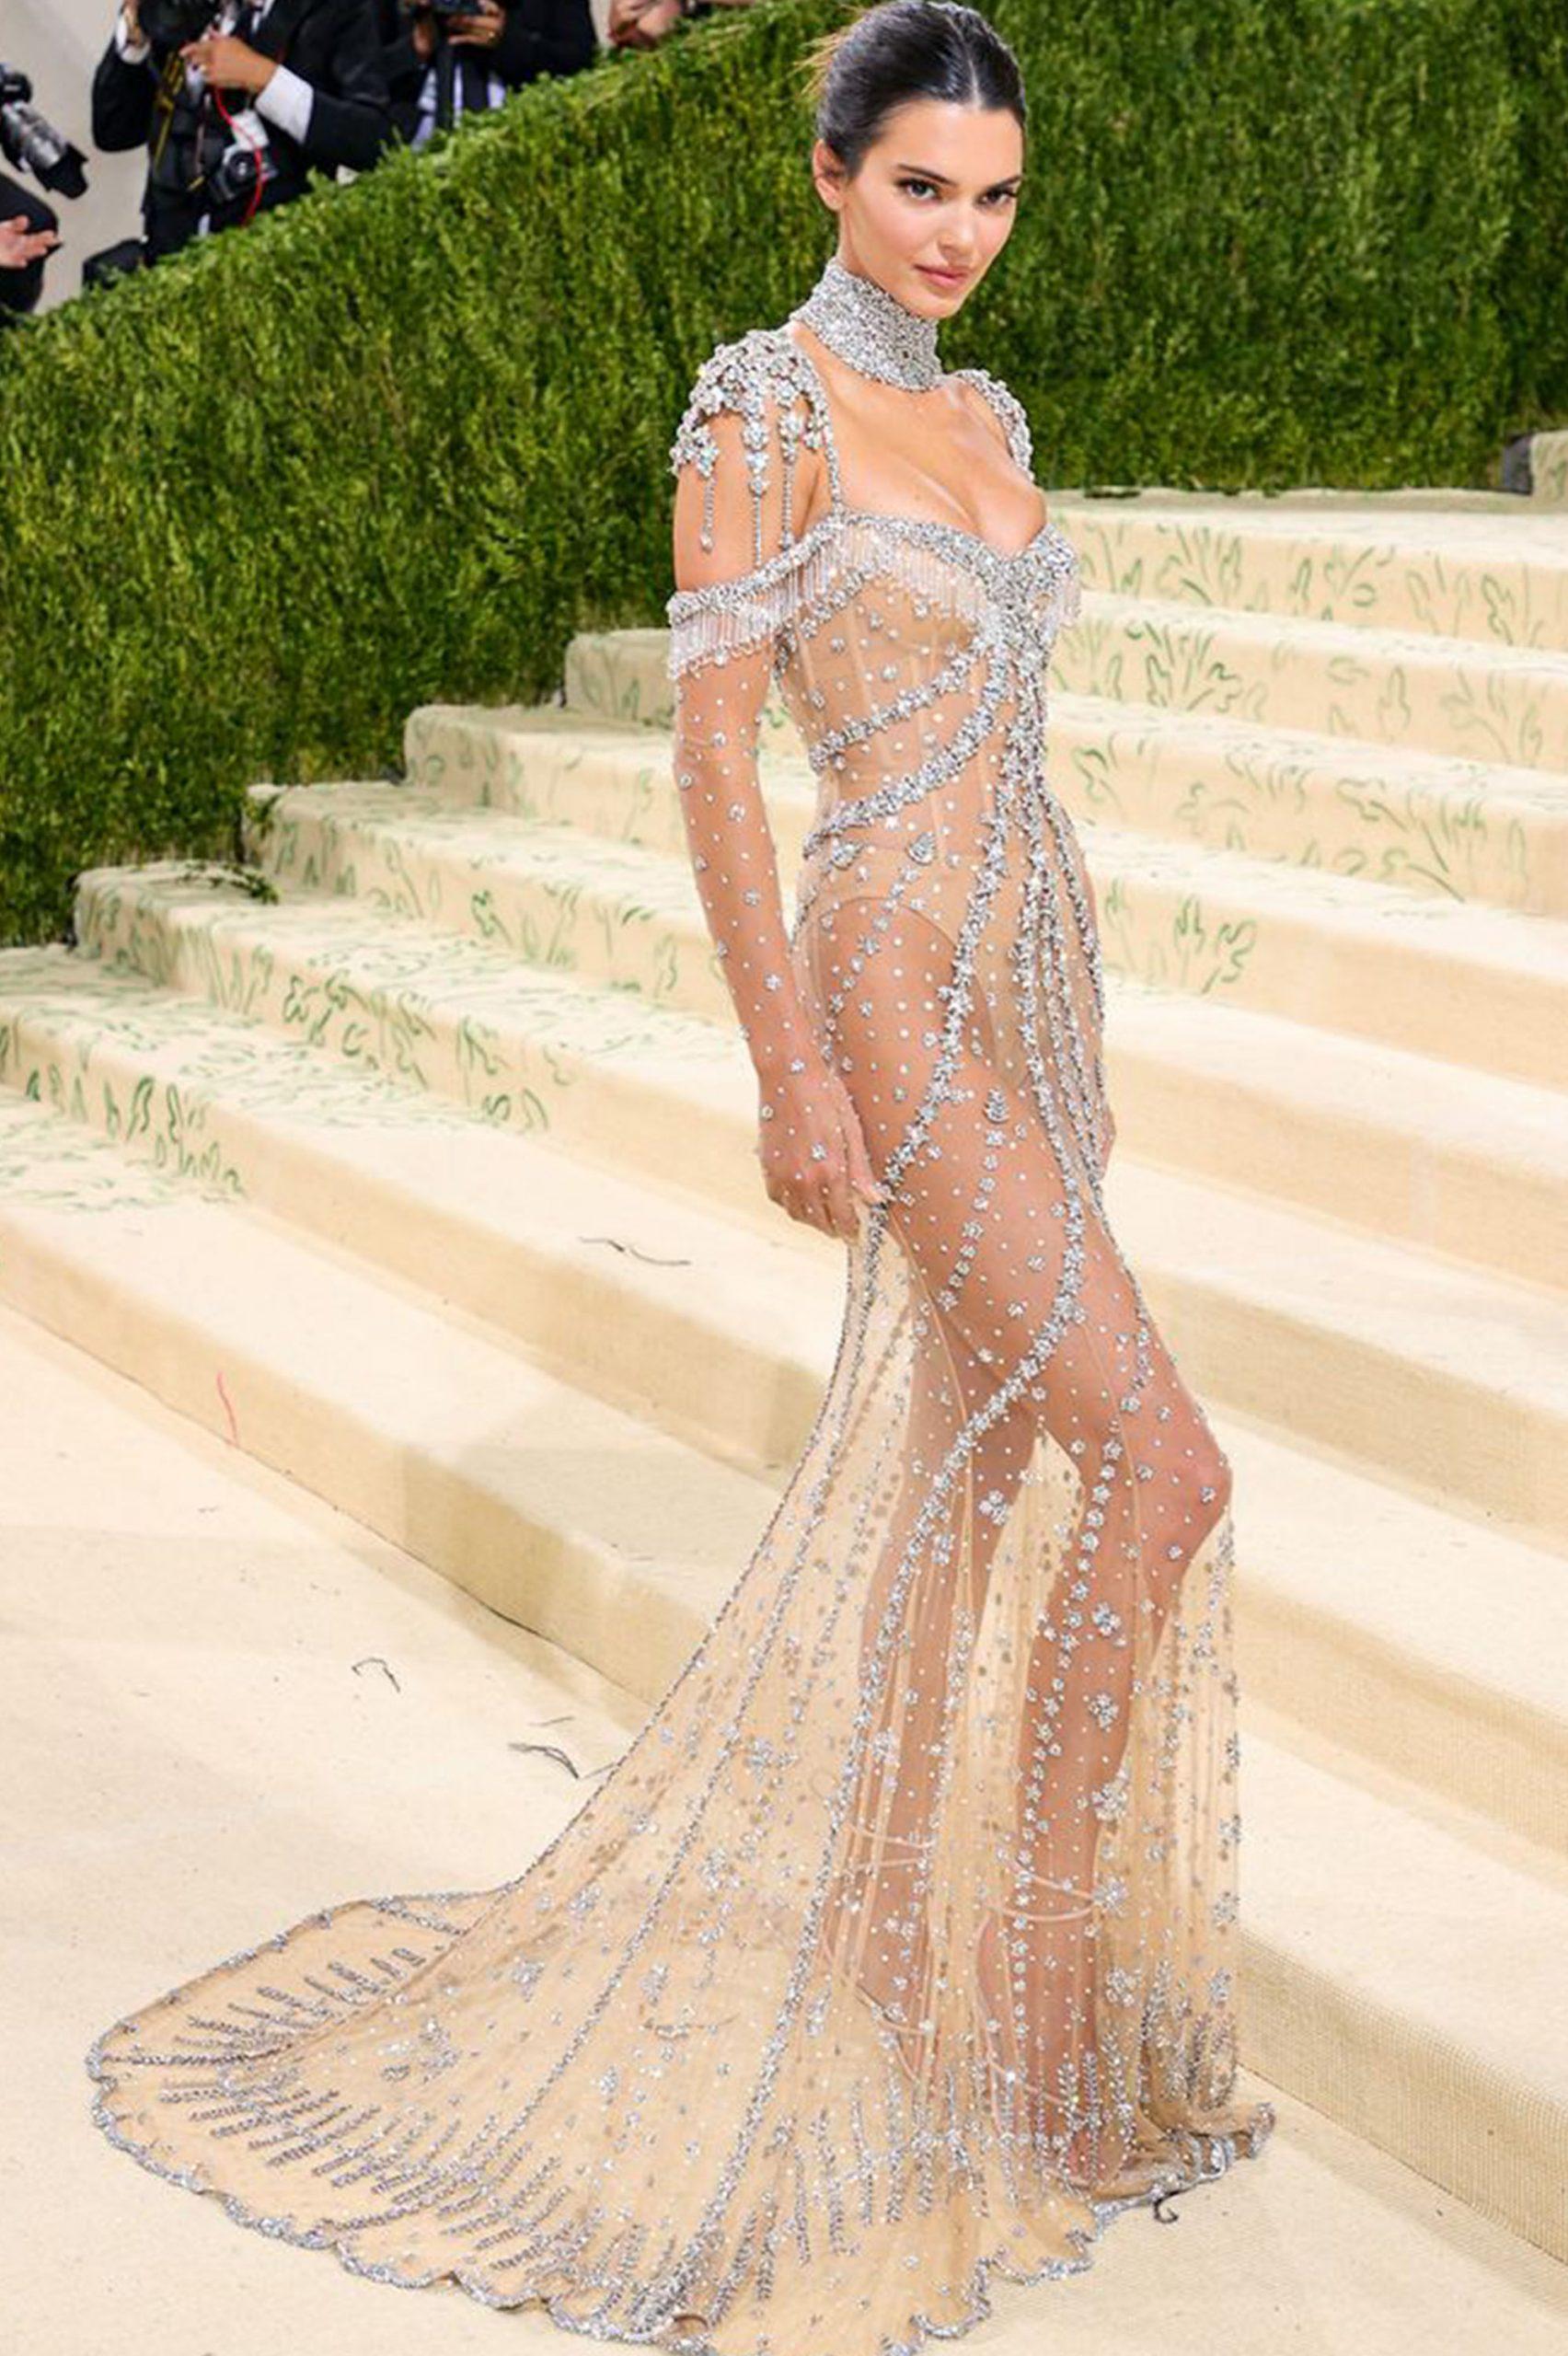 Kendall Jenner Naked - Neomag.